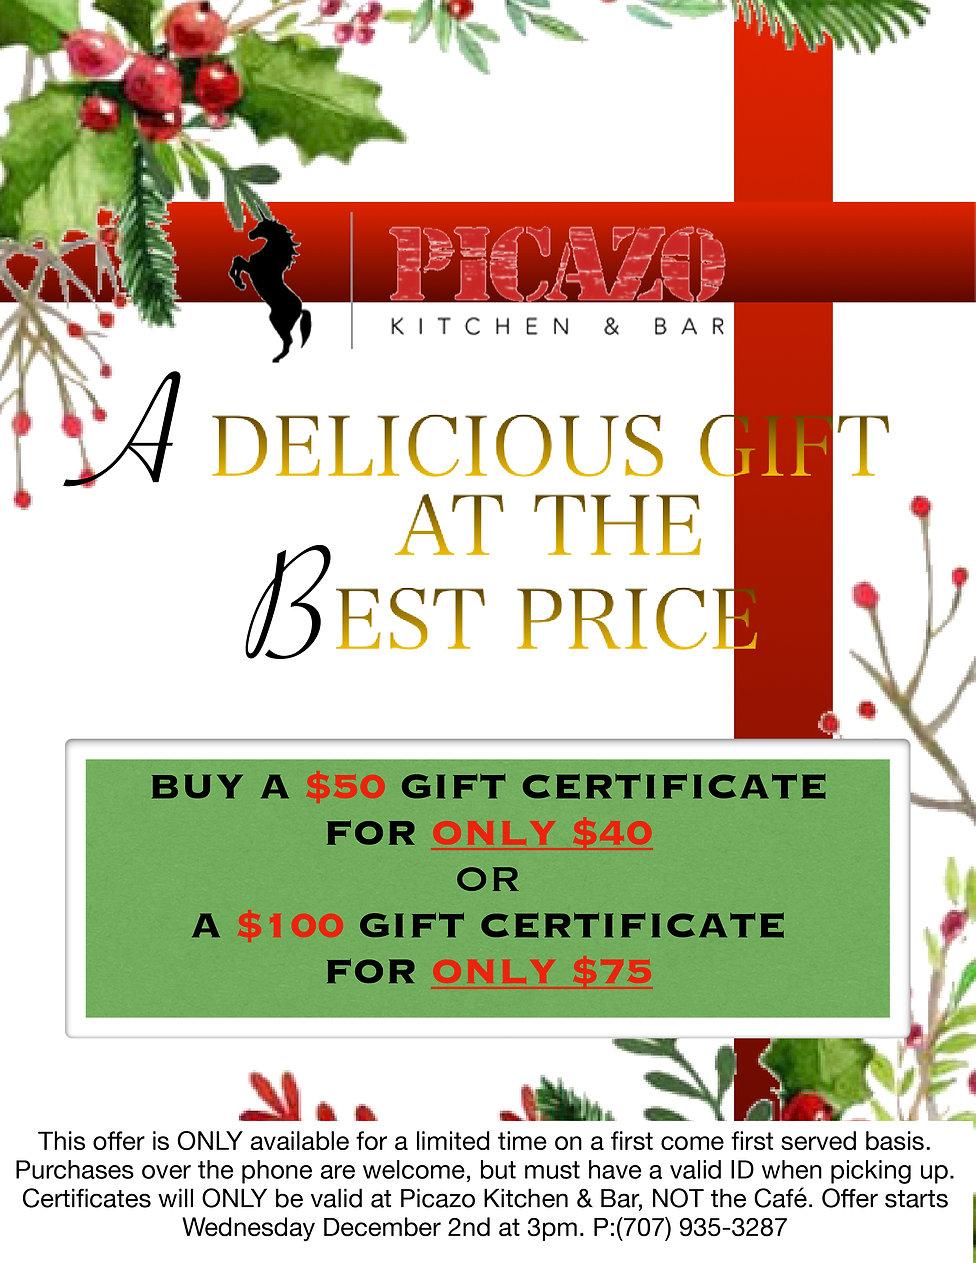 Gift Certificate Promo 12-8-2020-01.jpg